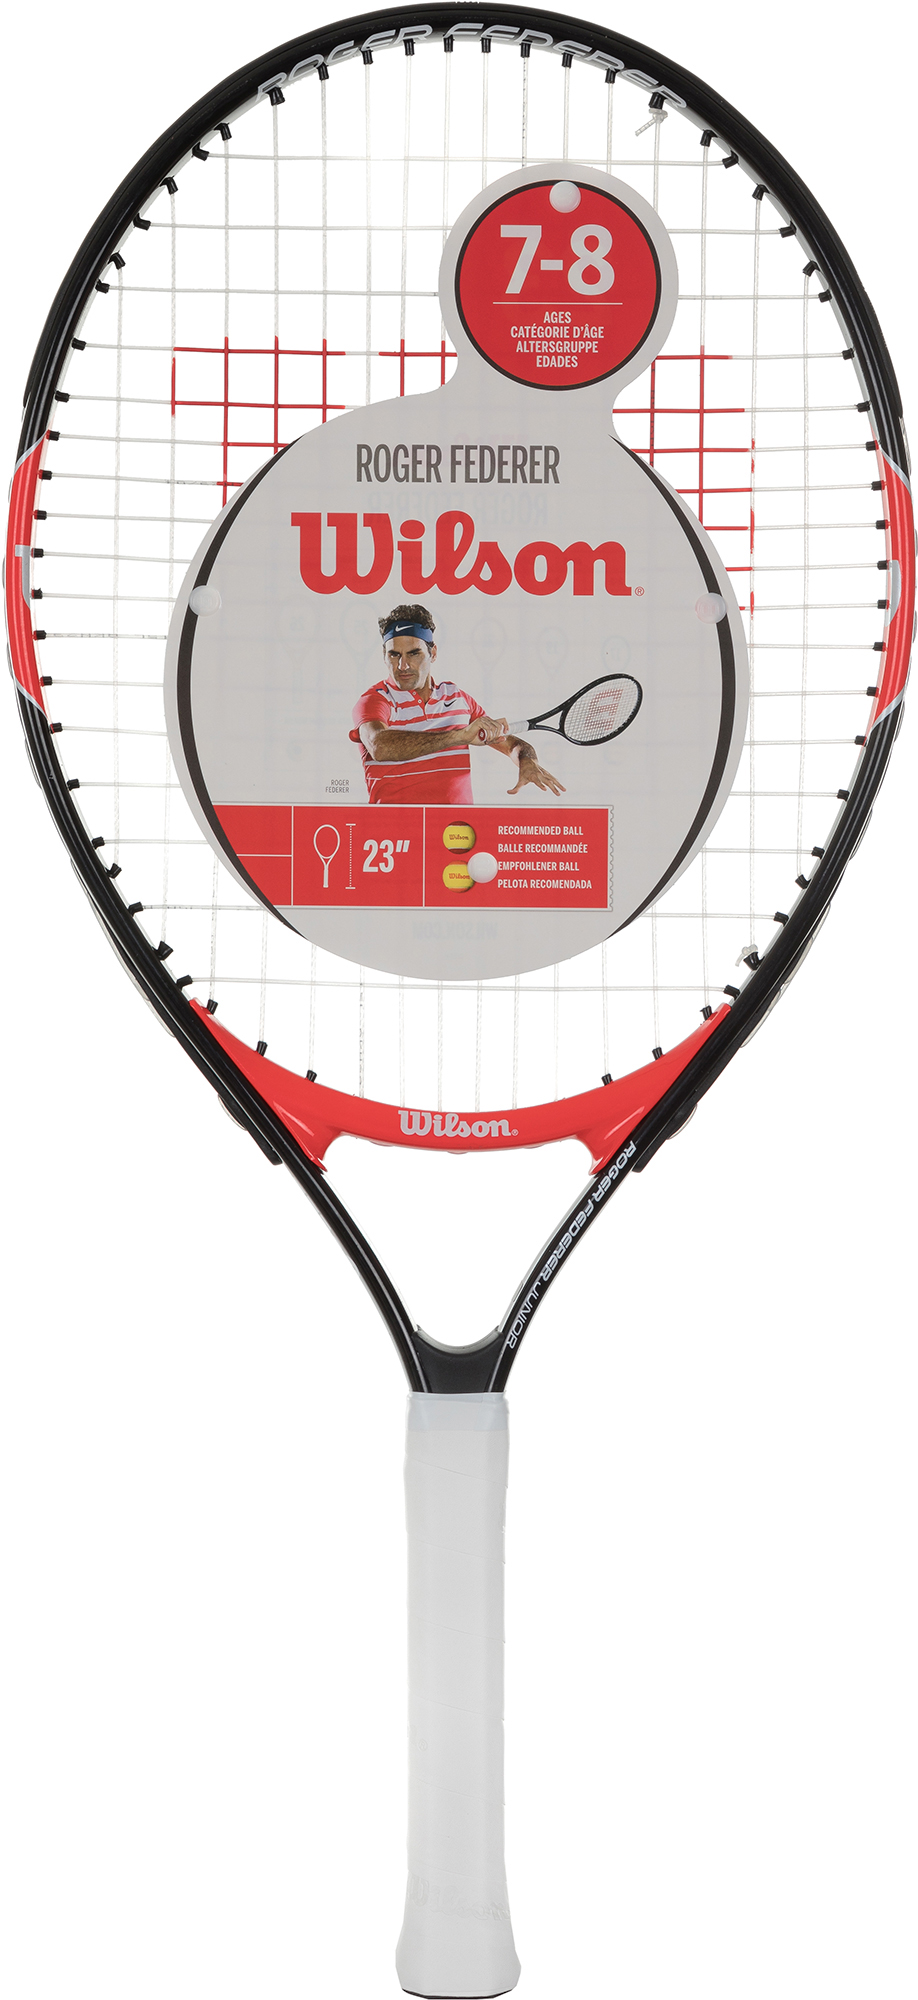 Wilson Ракетка для большого тенниса детская Wilson Roger Federer 23 wilson ракетка для большого тенниса детская wilson roger federer 23 размер без размера